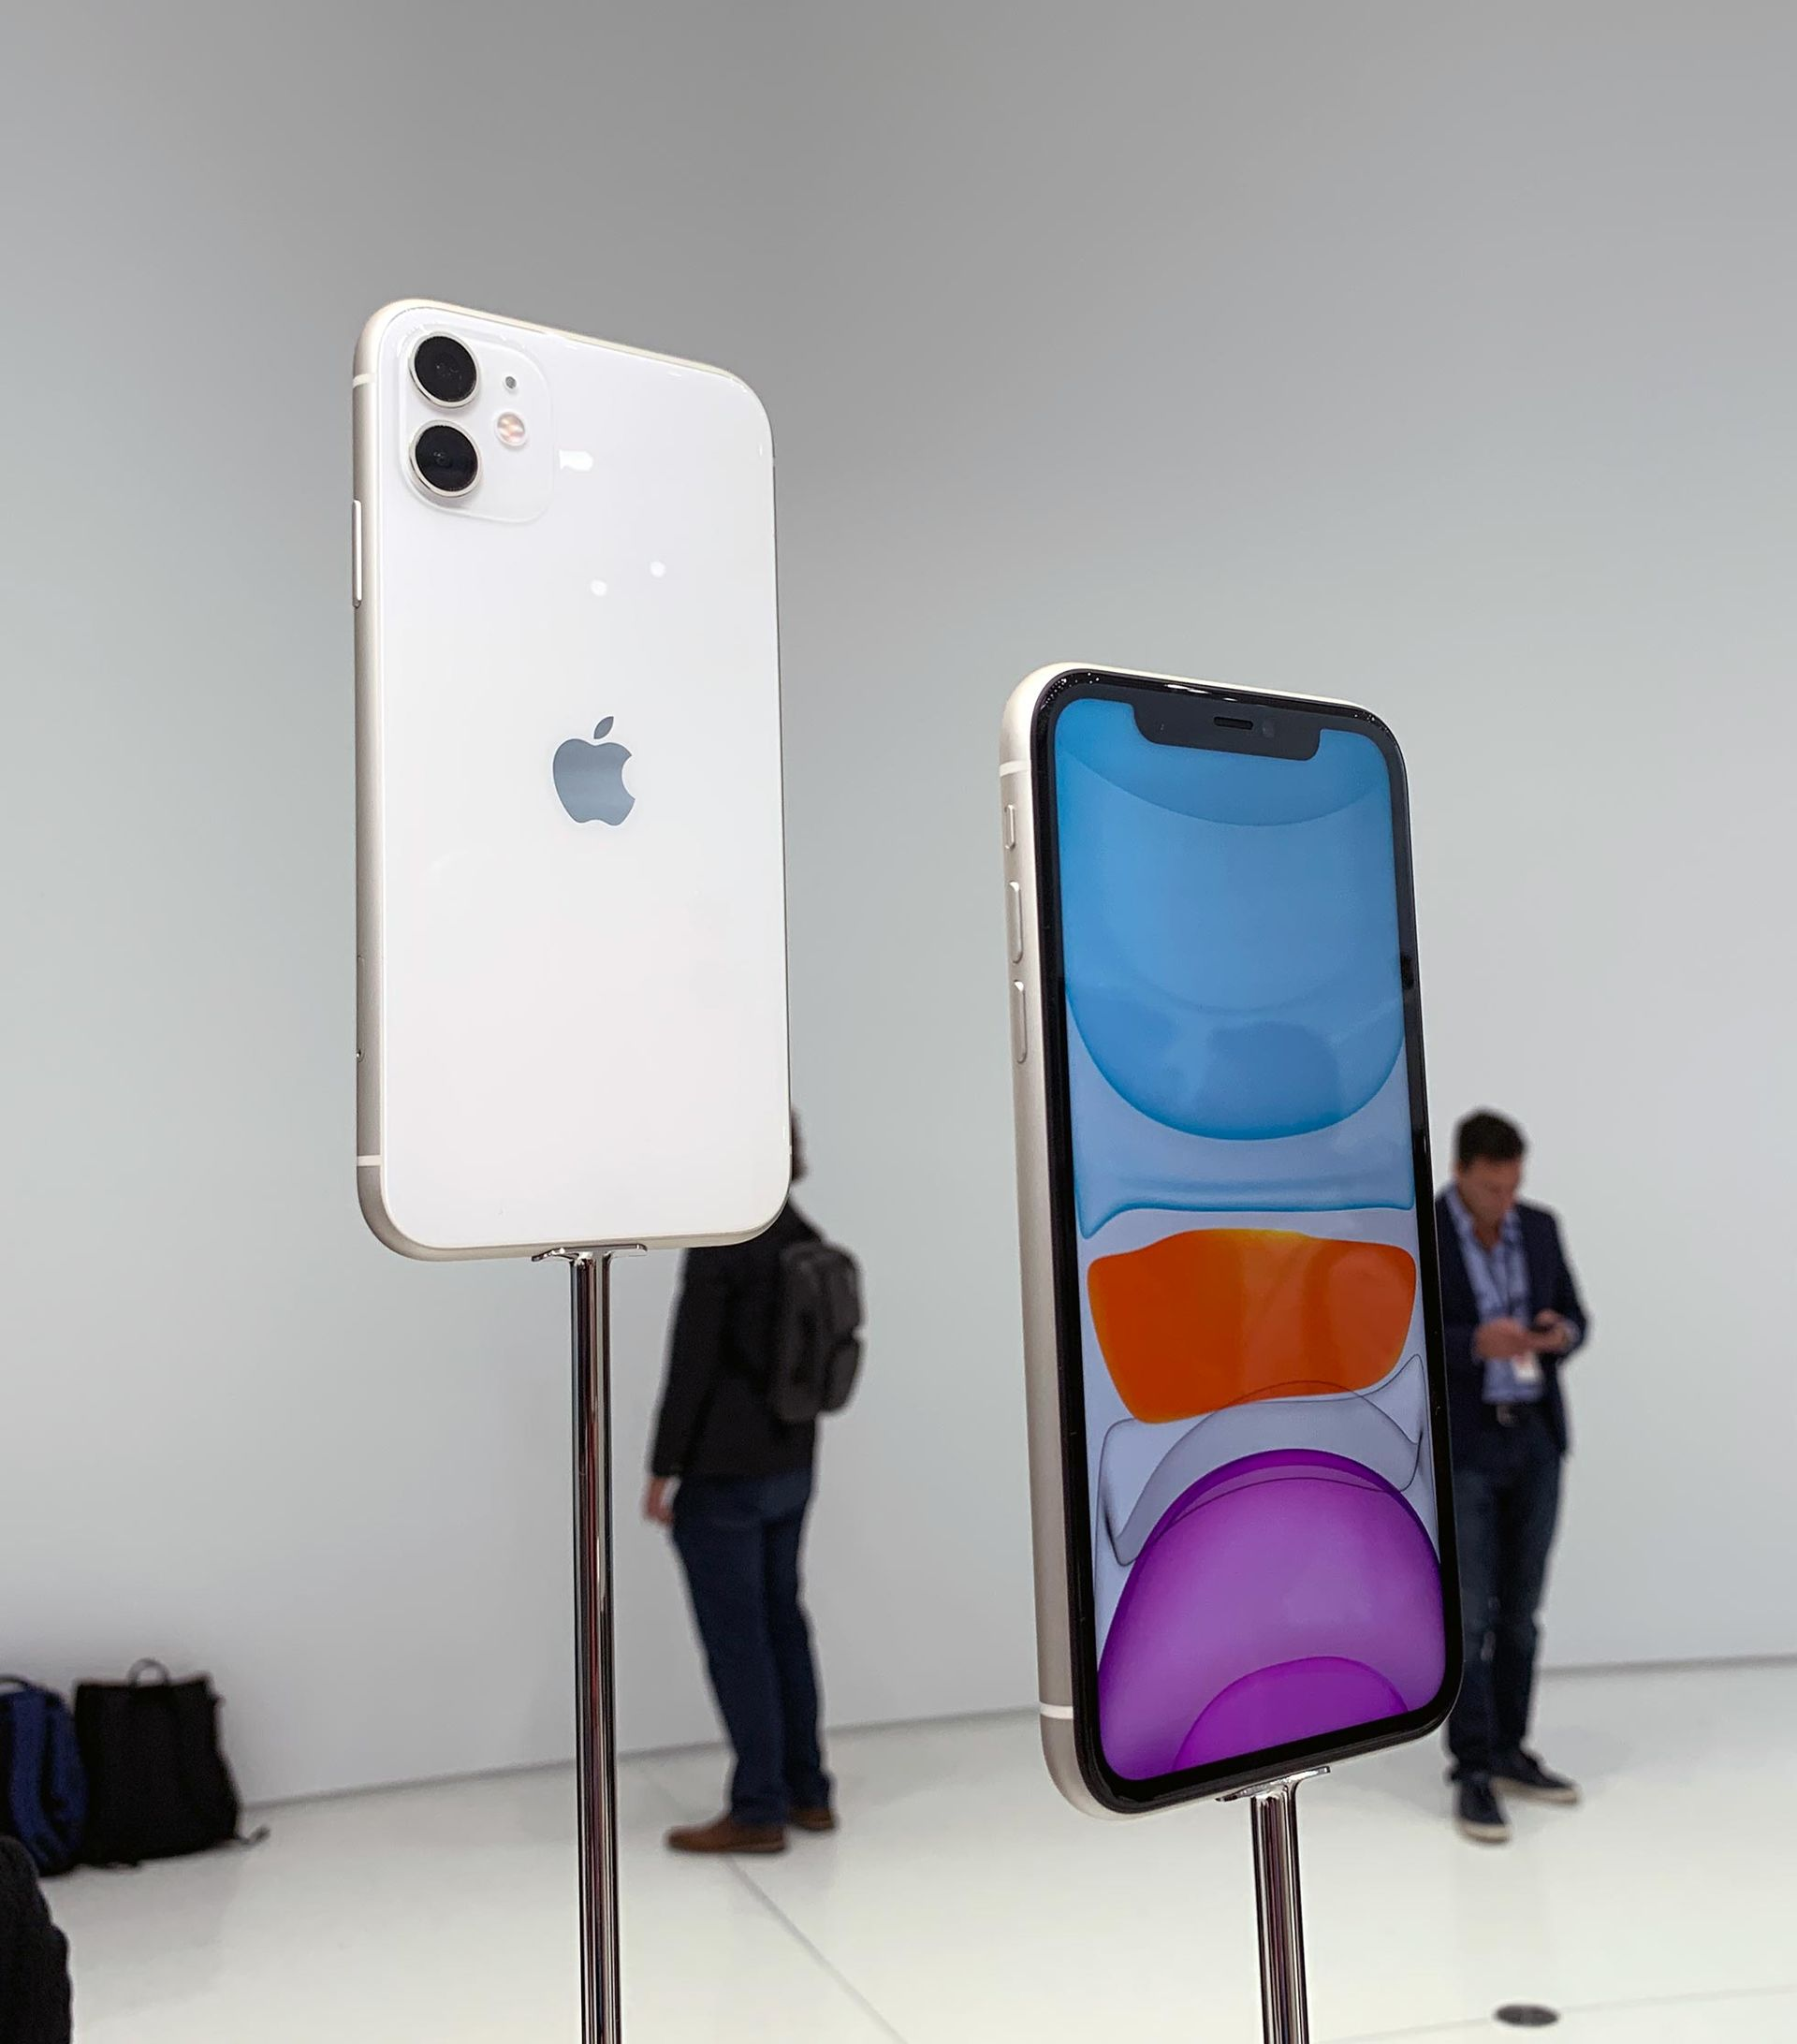 Snabbladdning med nya Iphones kräver dyr extraladdare | Mobil